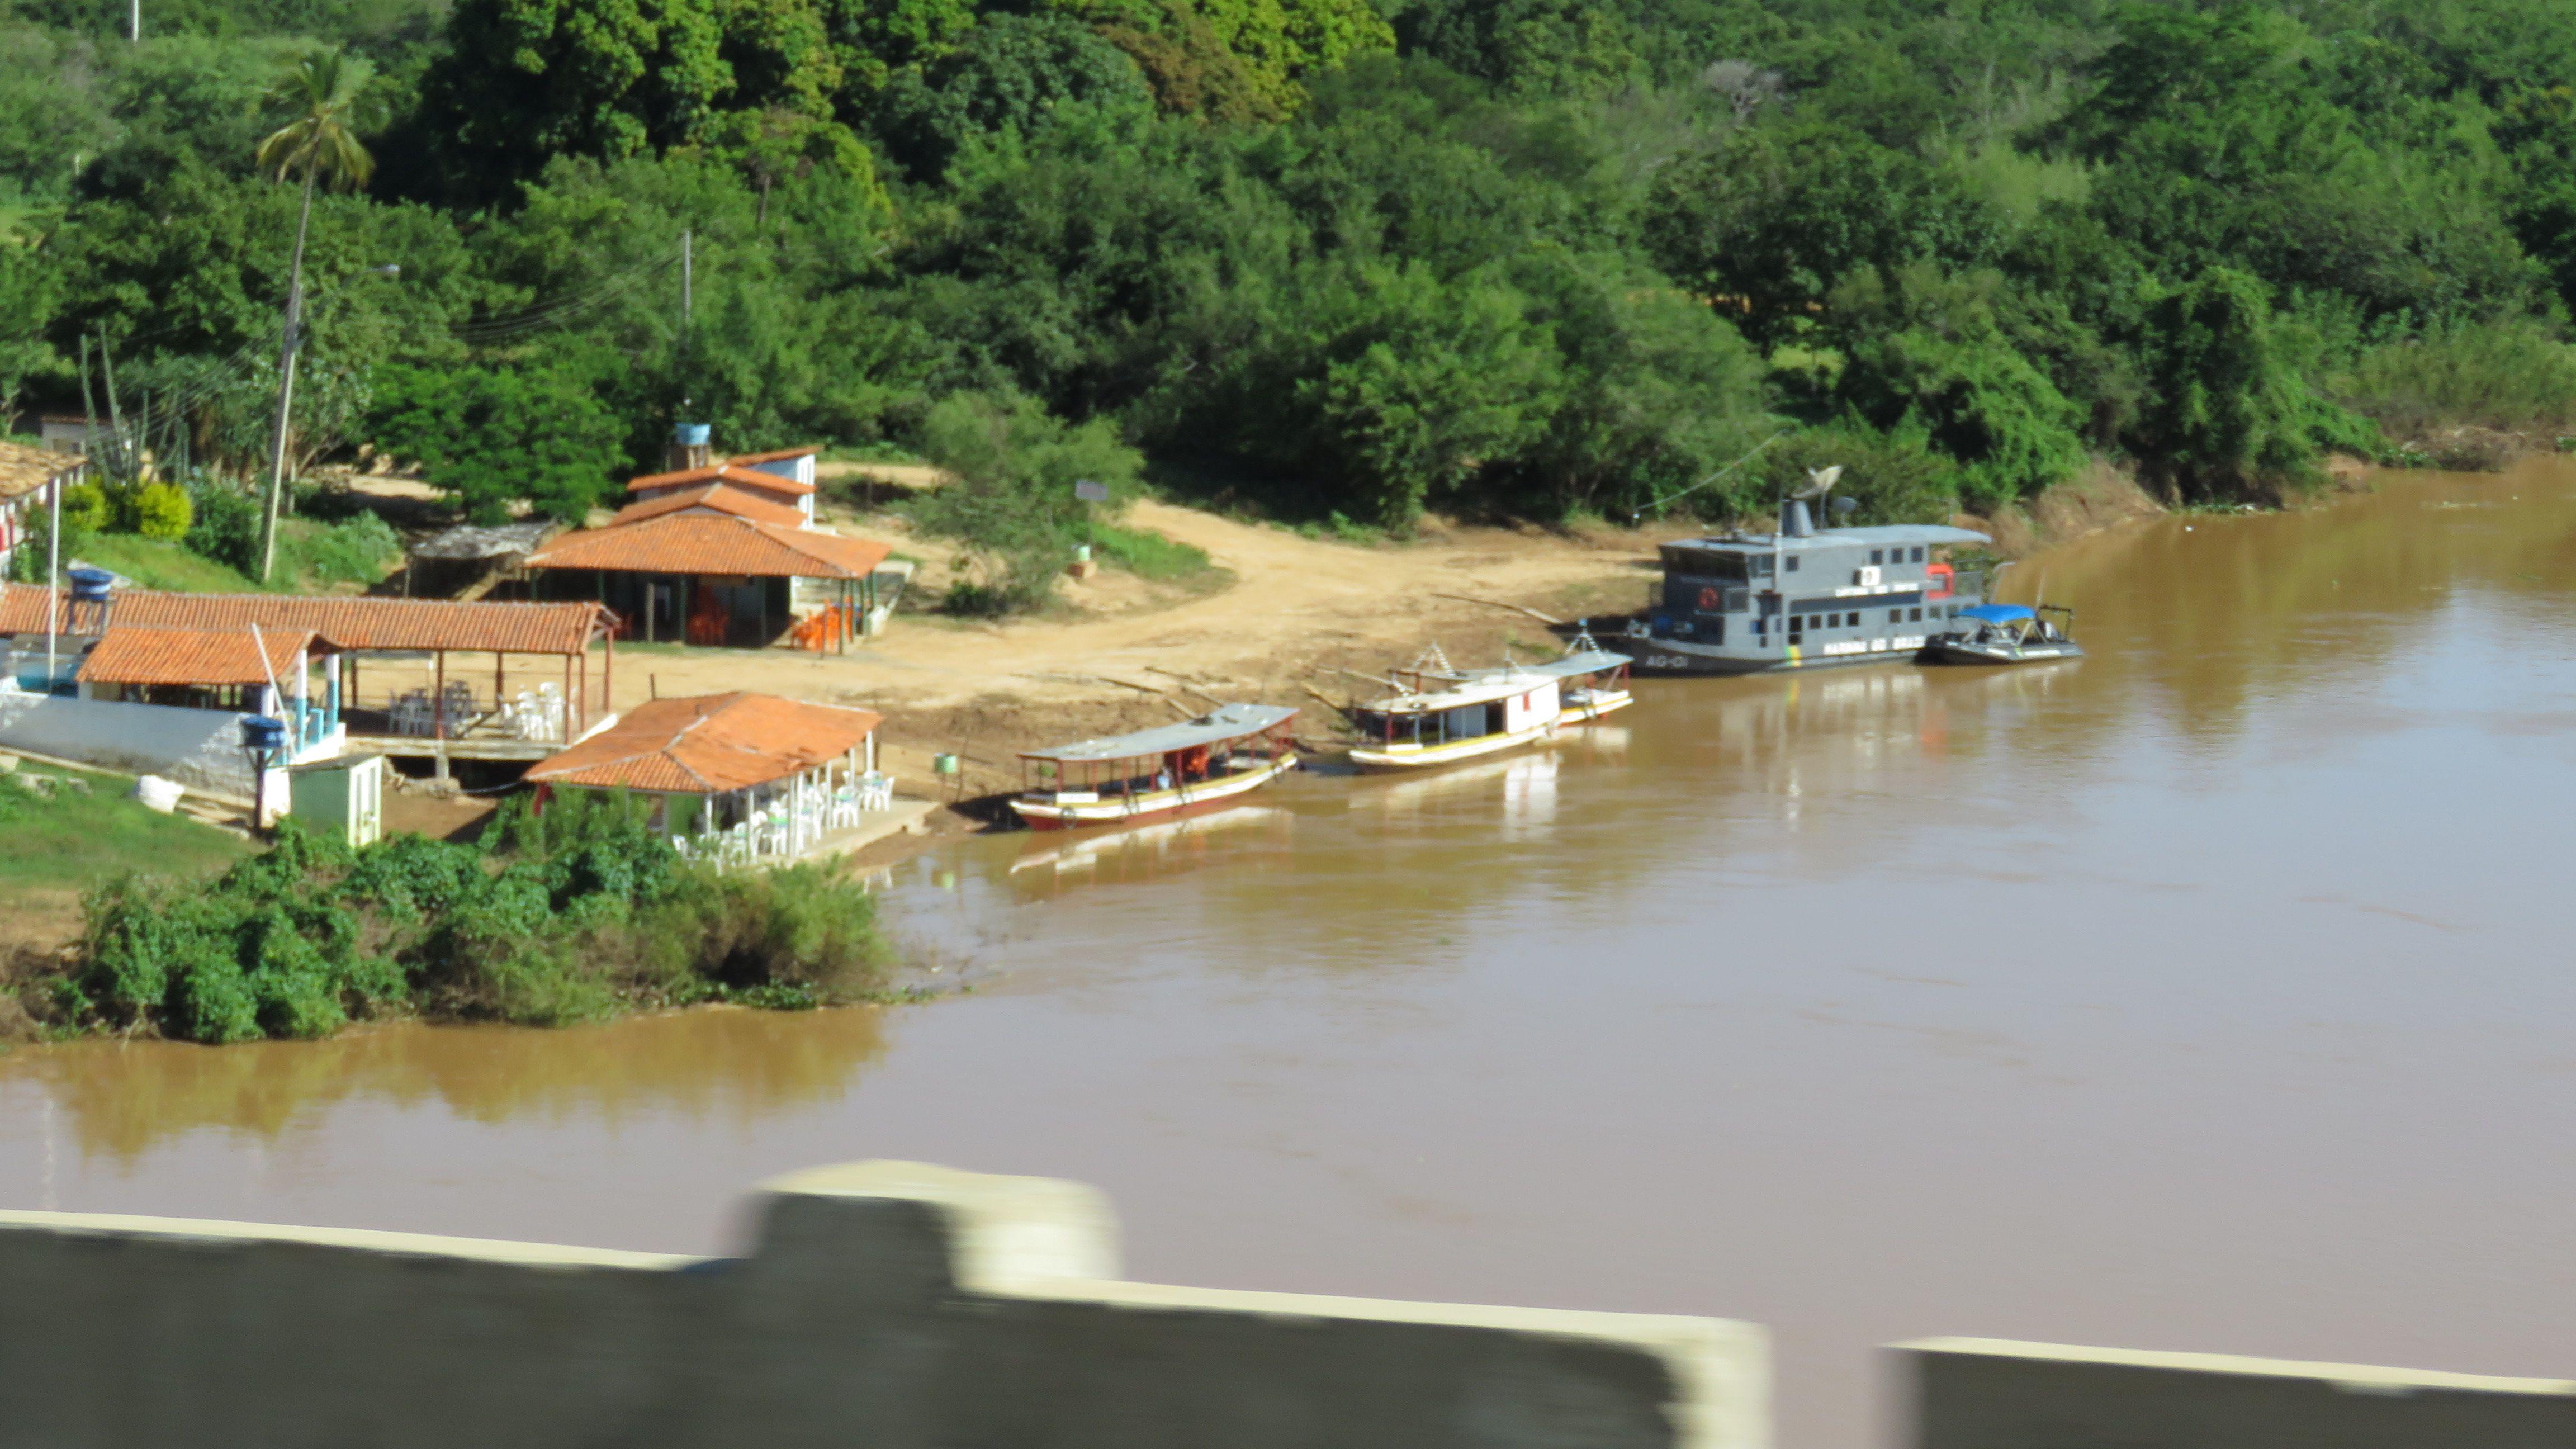 Ponte Sobre O Rio Sao Francisco Bom Jesus Da Lapa Bahia Brasil